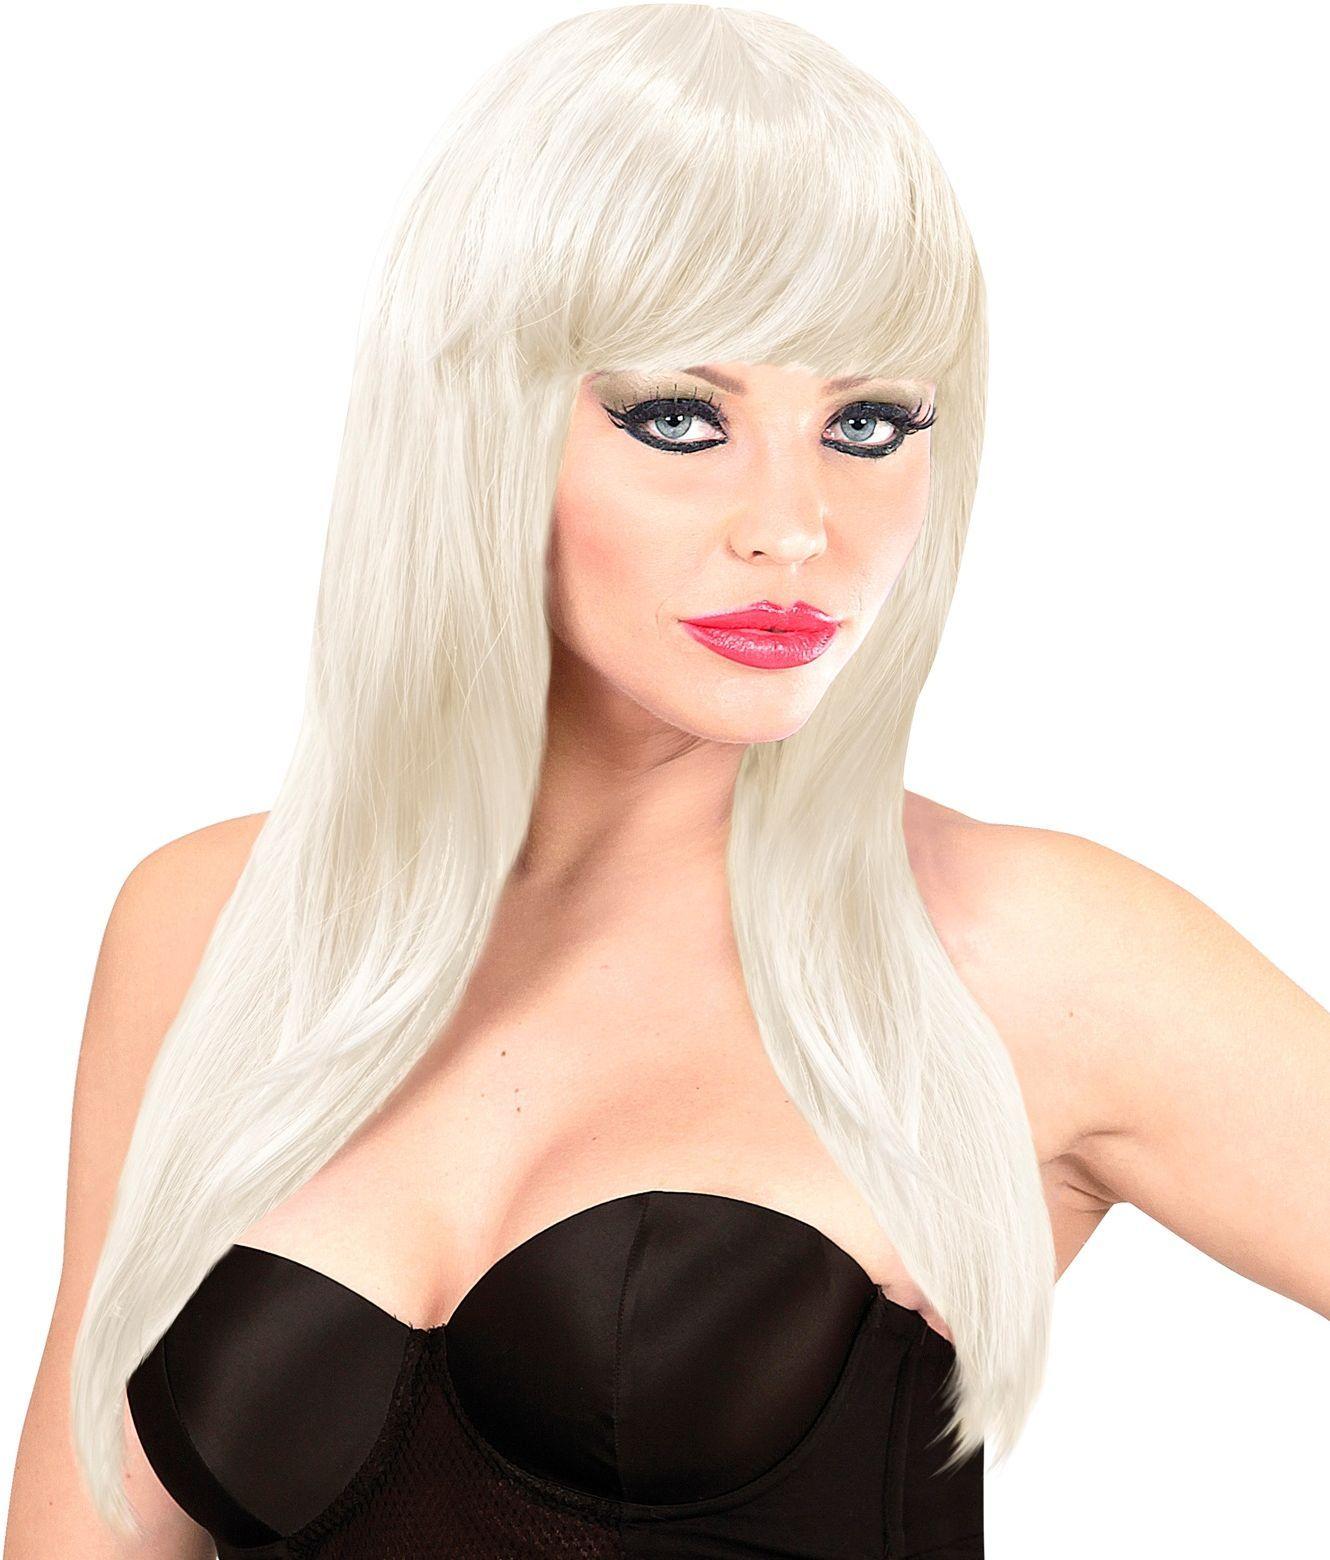 Witte pruik lang haar